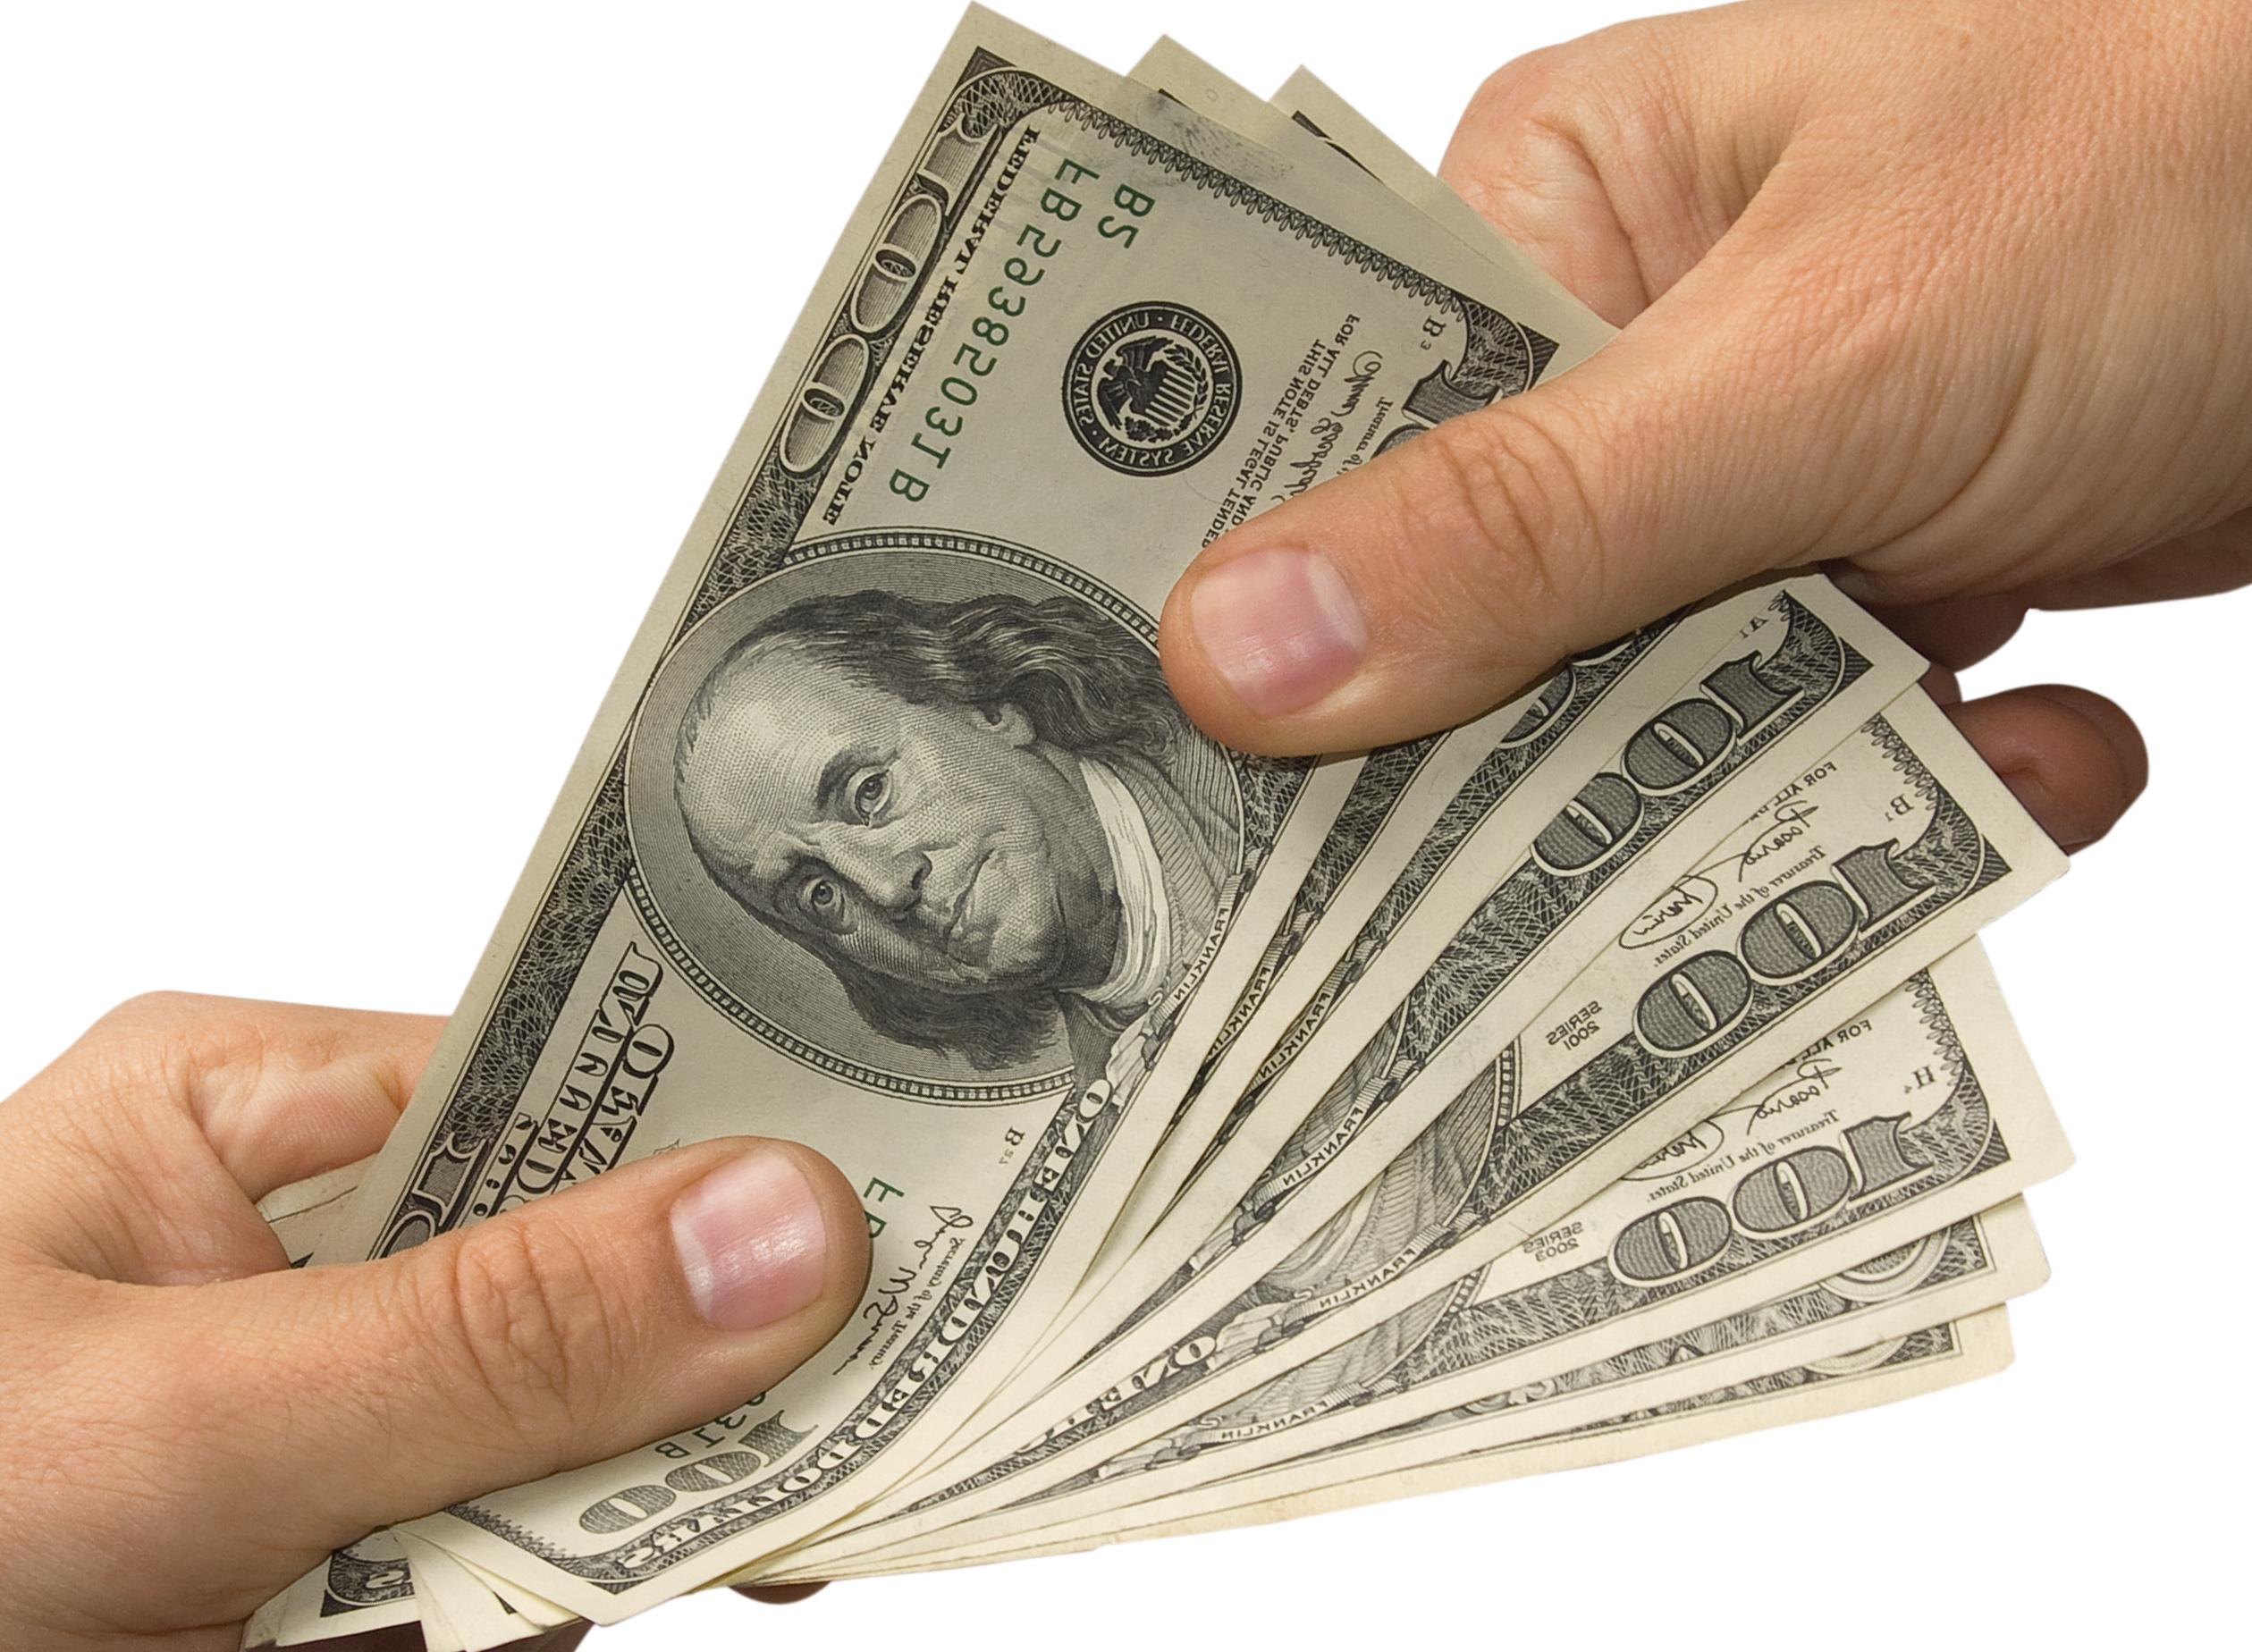 Handing someone $100 bills.